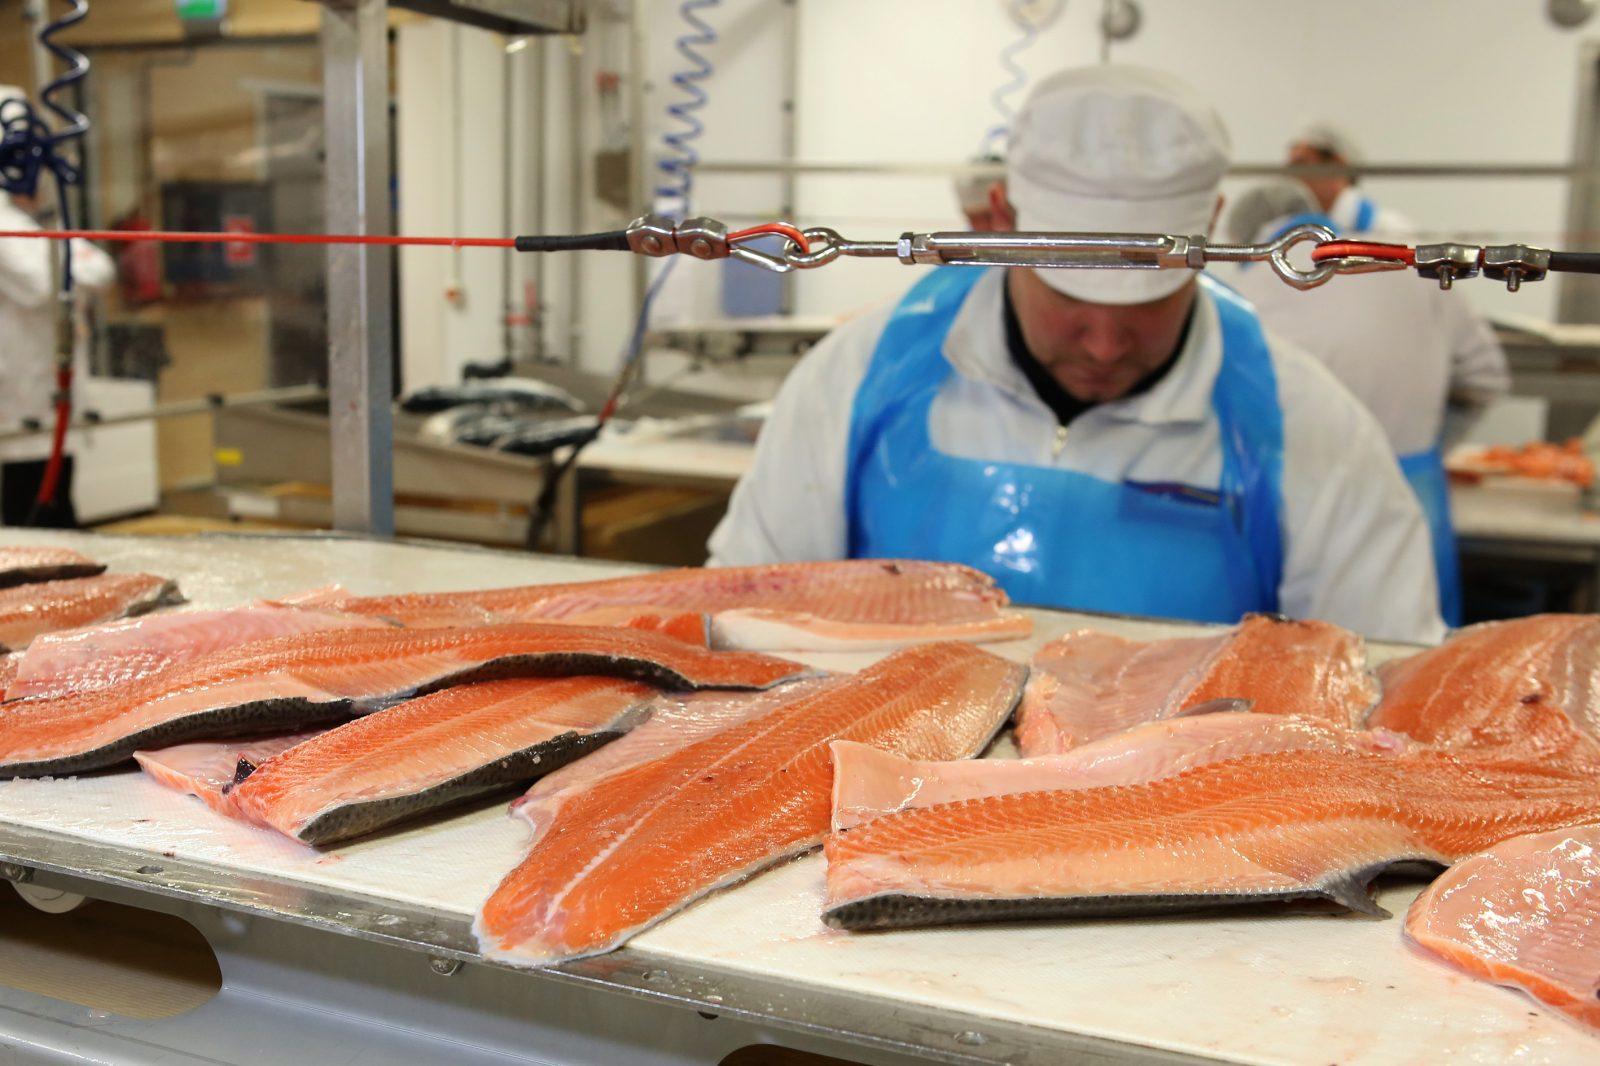 Kirjolohifileitä käsitellään kalanjalostamossa